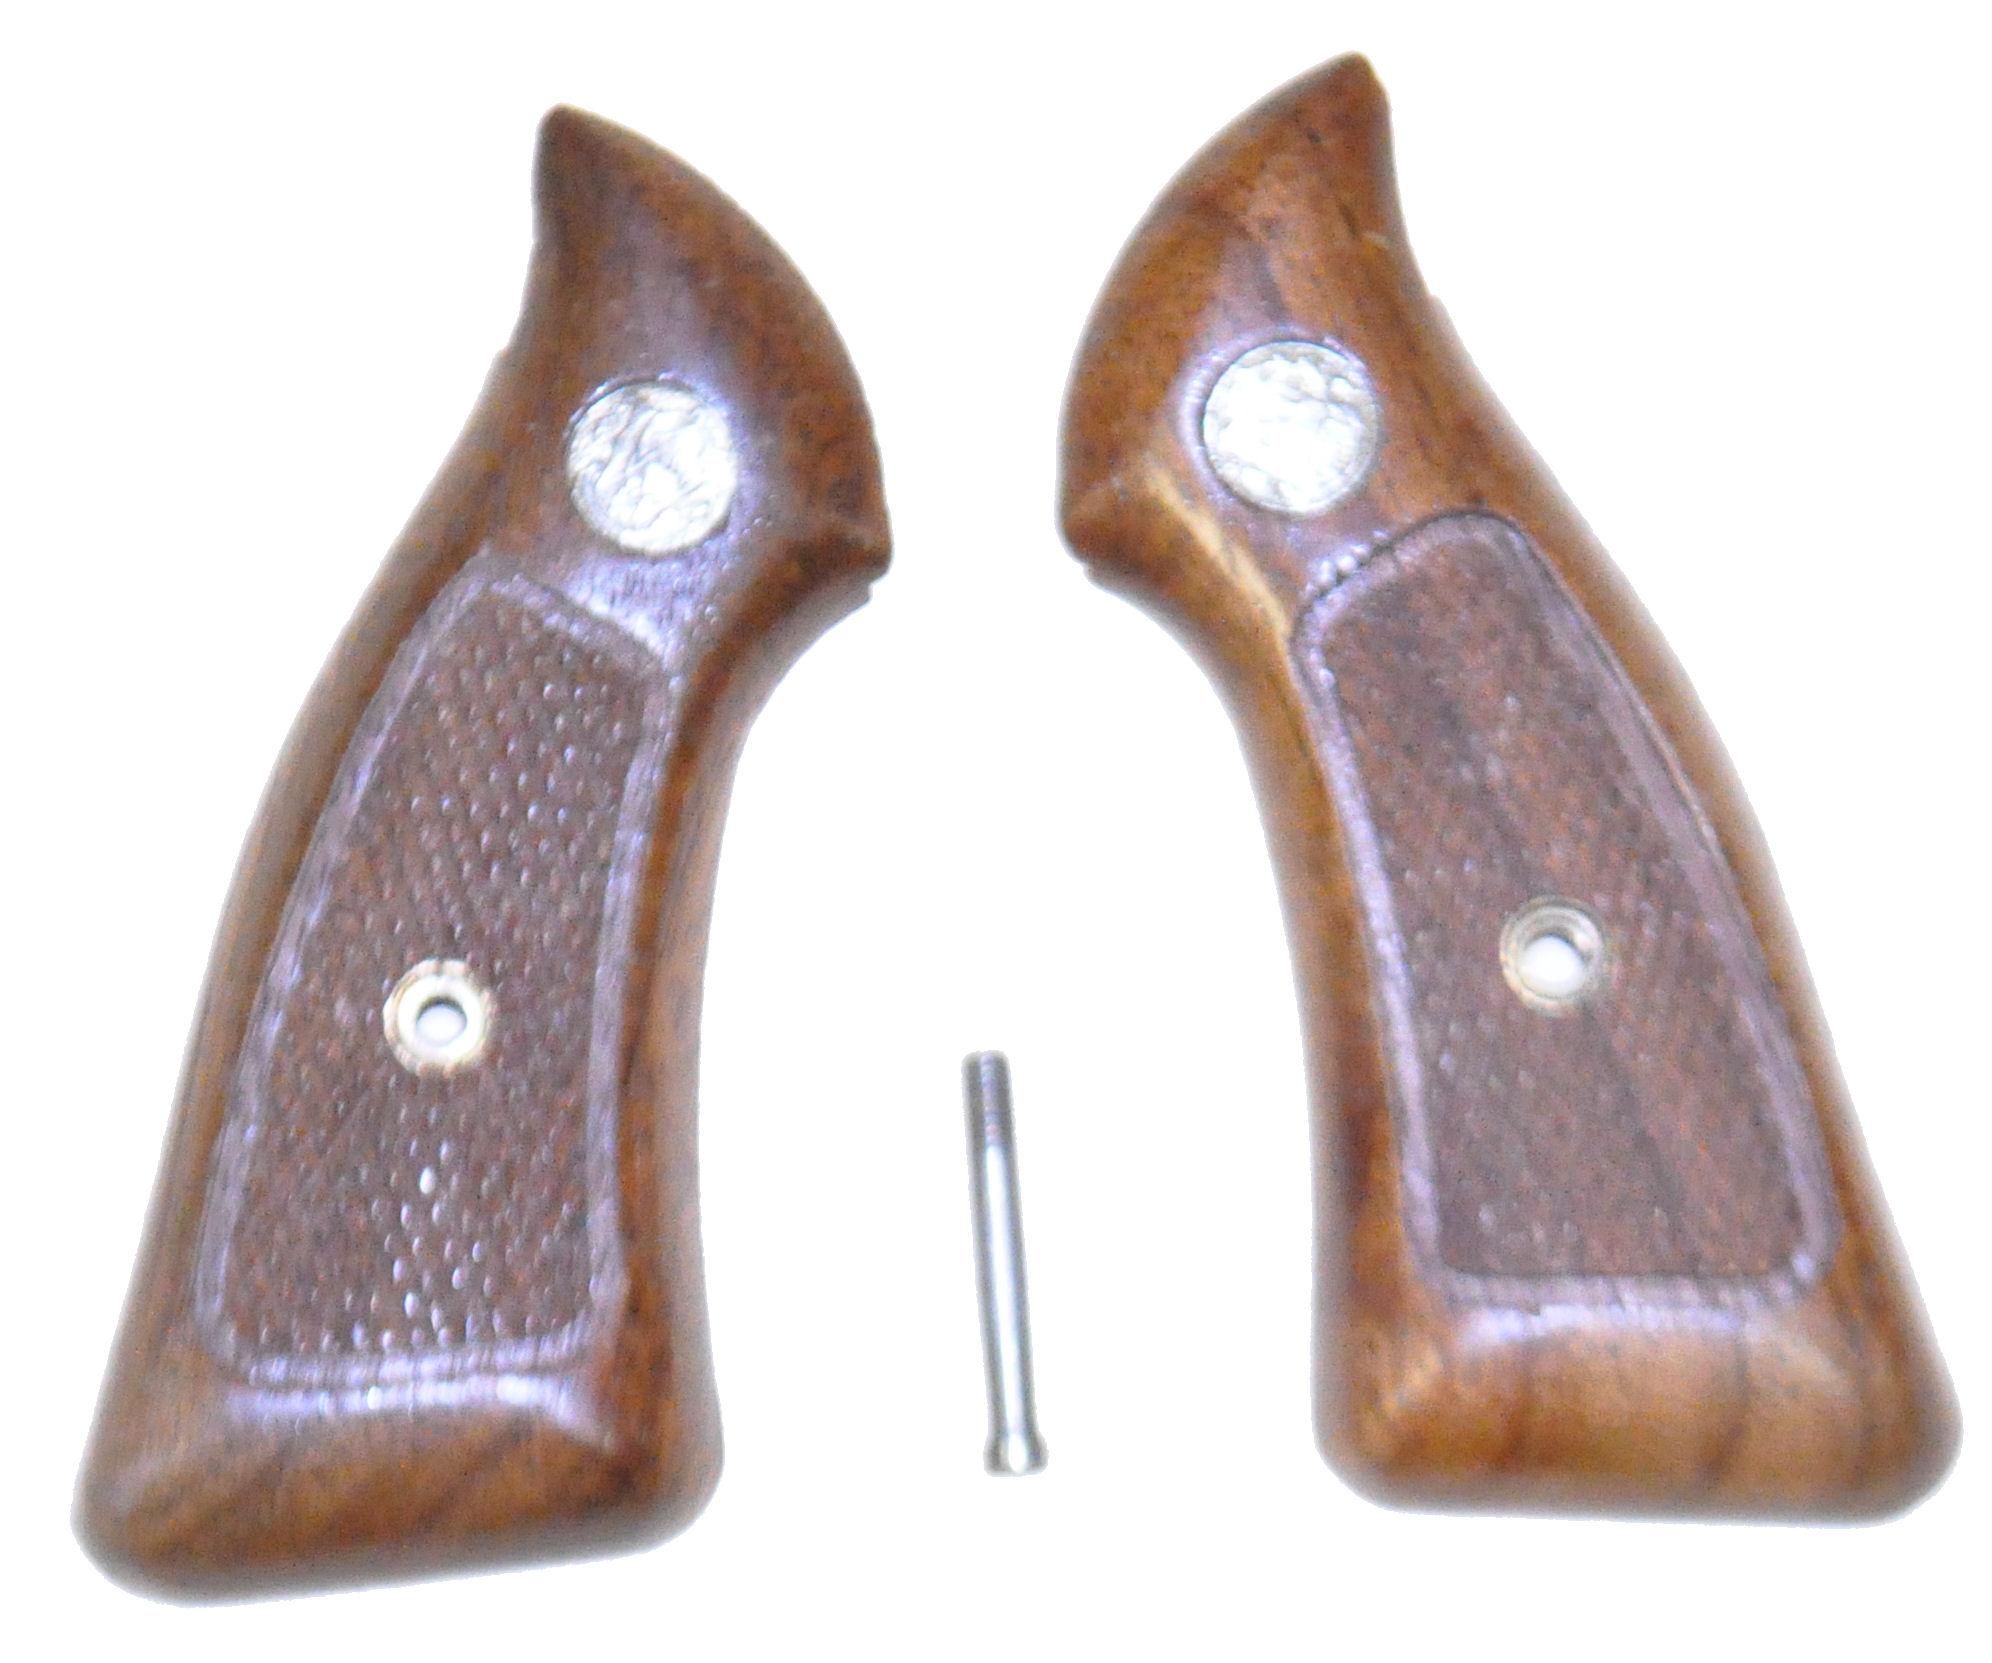 S Amp W J Frame Square Butt Original Grips